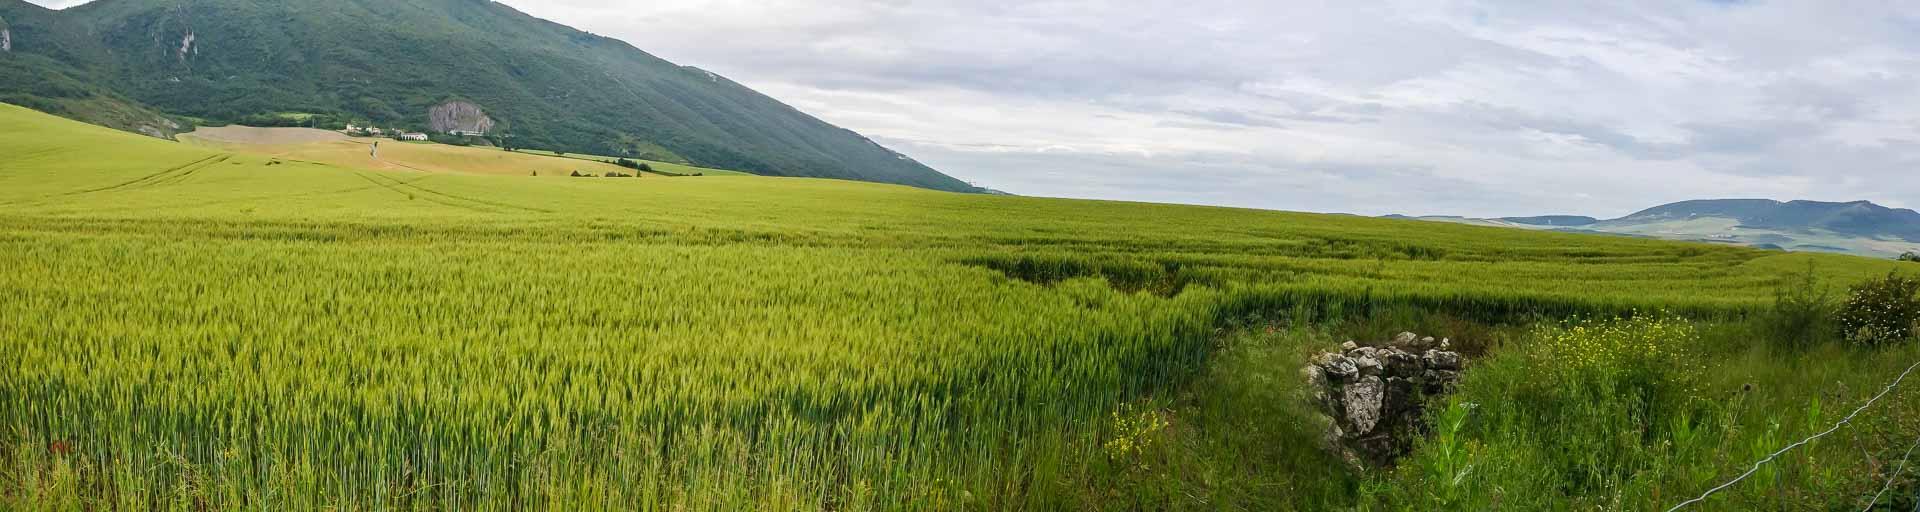 Monreal Tiebas, Camino Aragones.